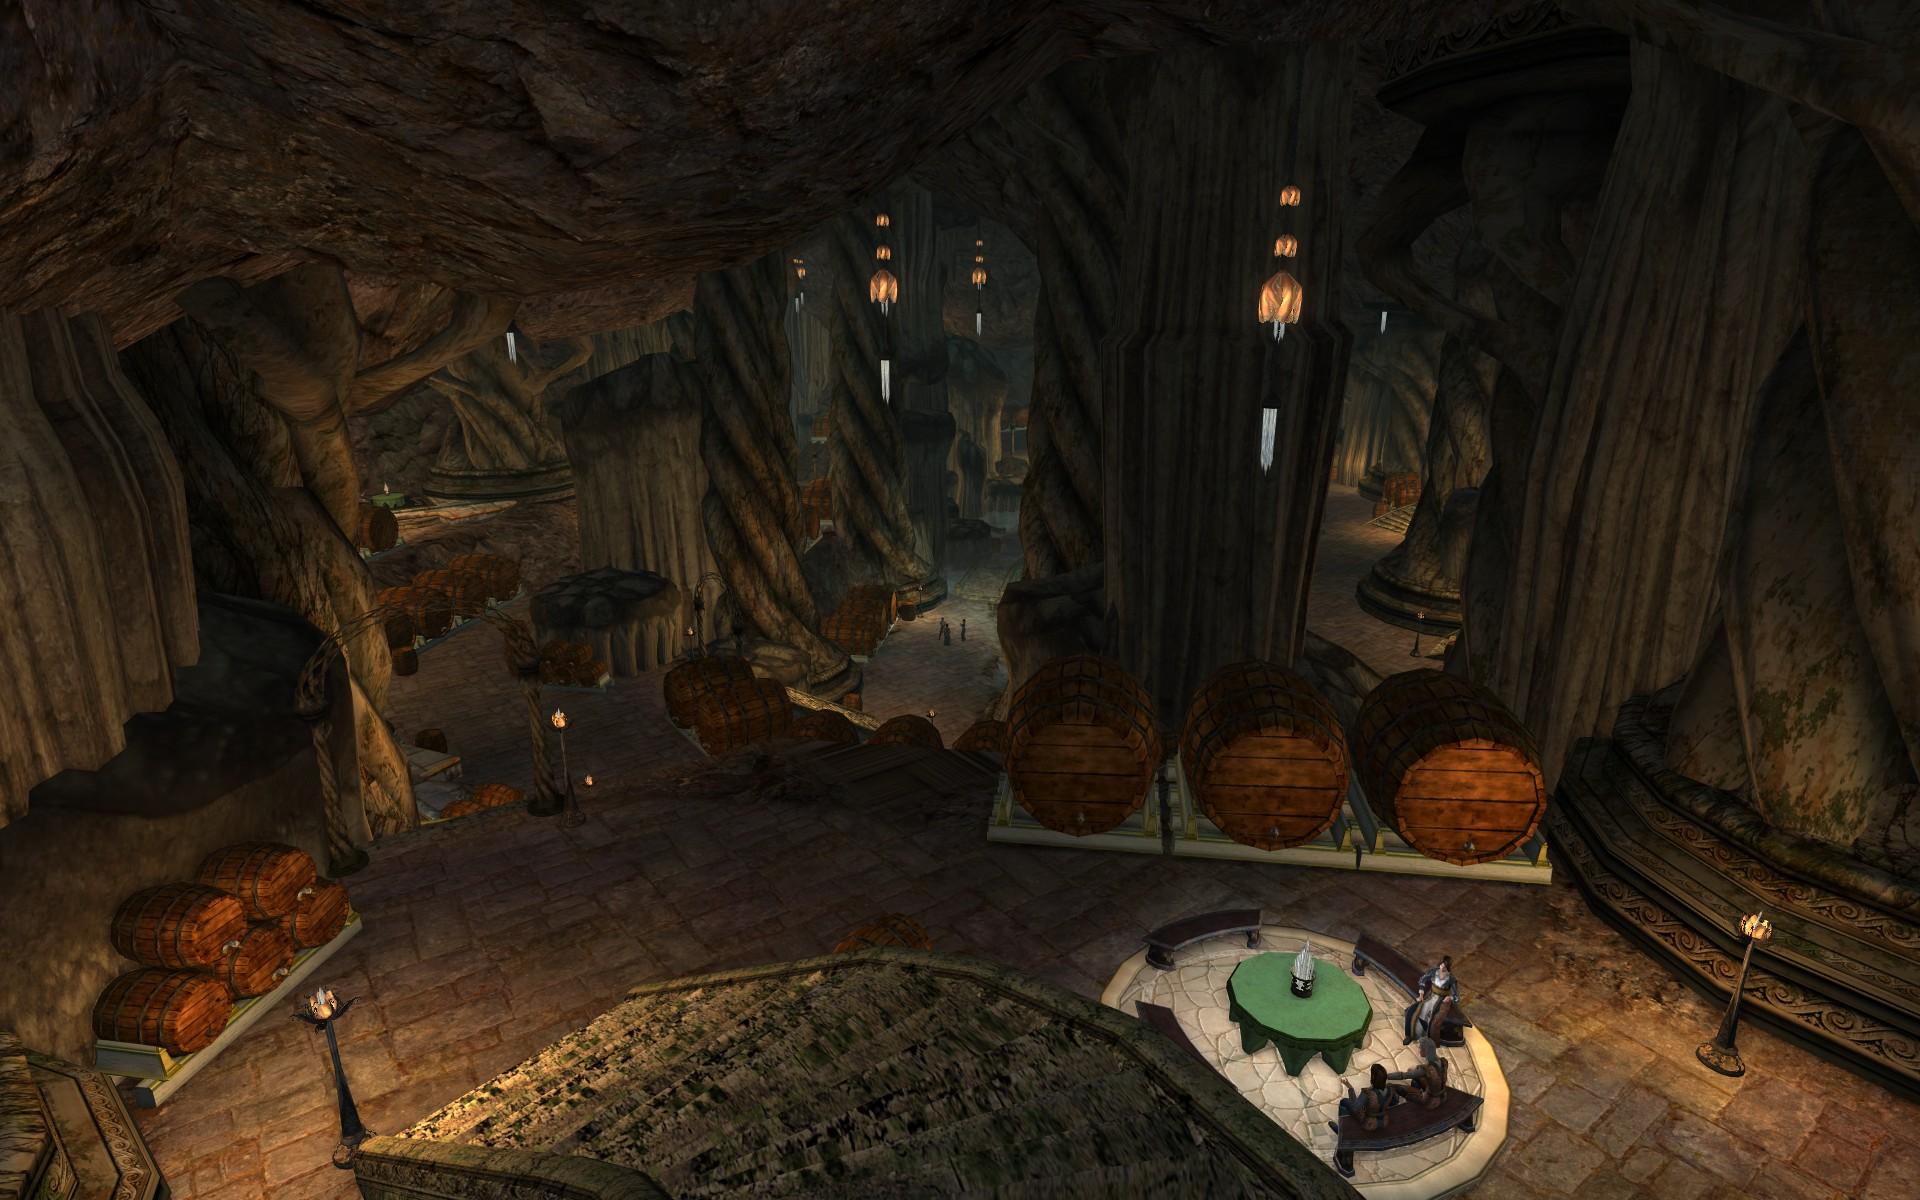 『ロード・オブ・ザ・リングス オンライン』におけるエルフ王の岩屋のワインセラー